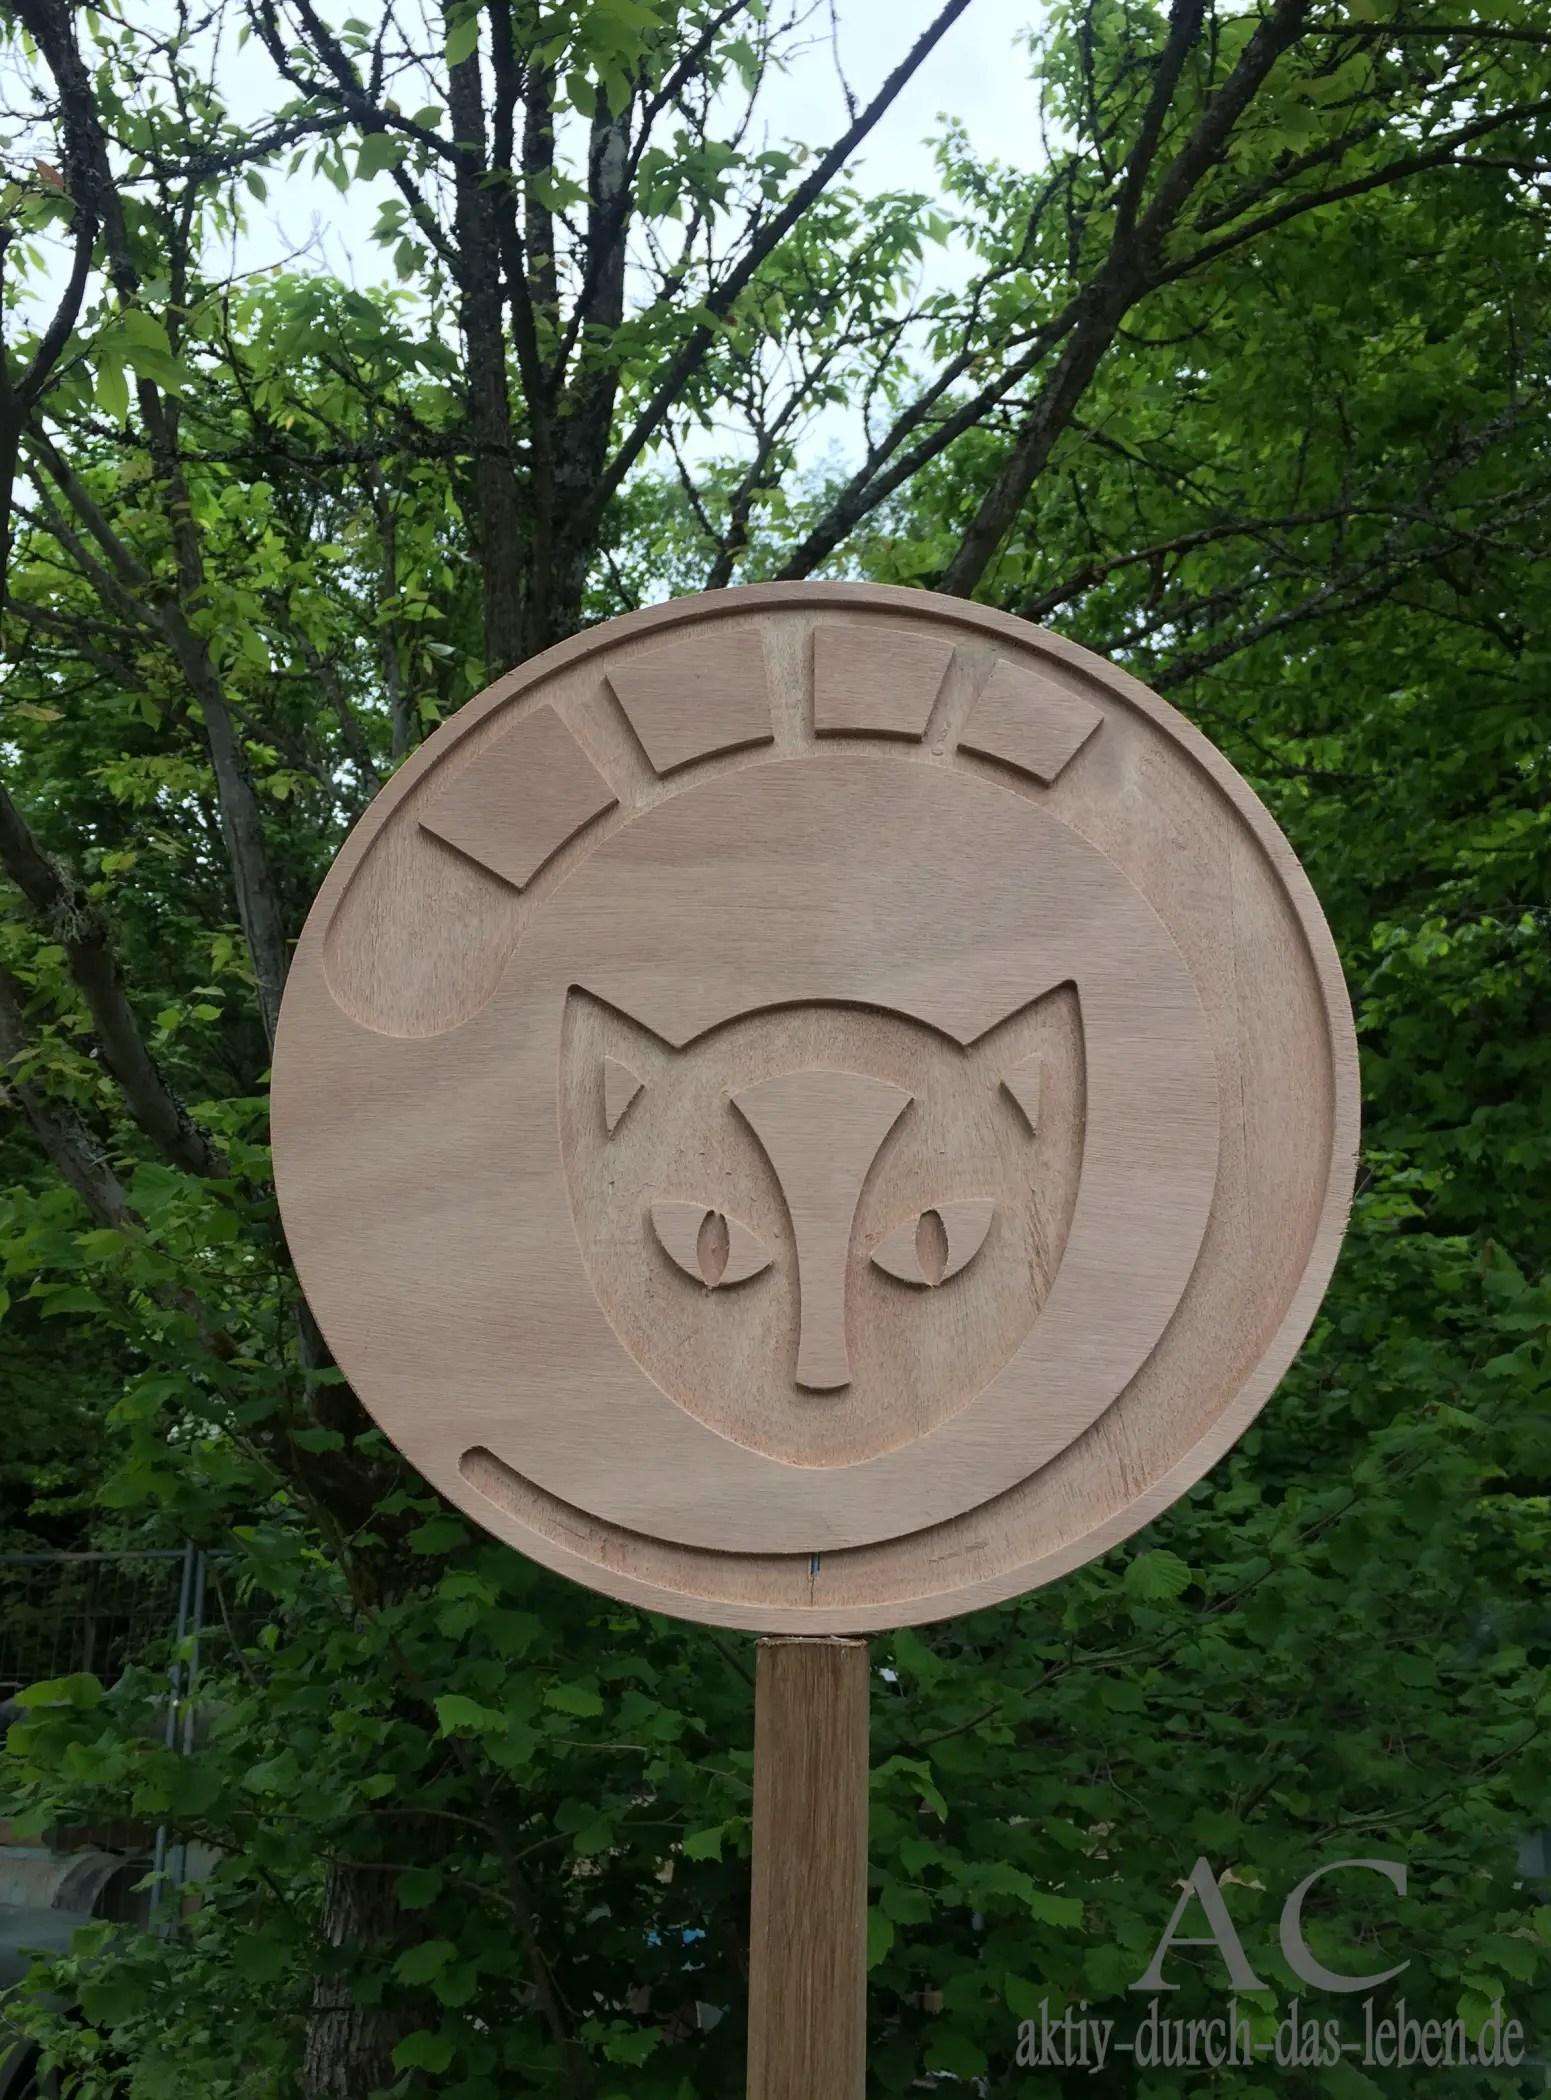 Vorbericht: 24h-Wanderung im Wildkatzen-Nationalpark Hunsrück-Hochwald 2019